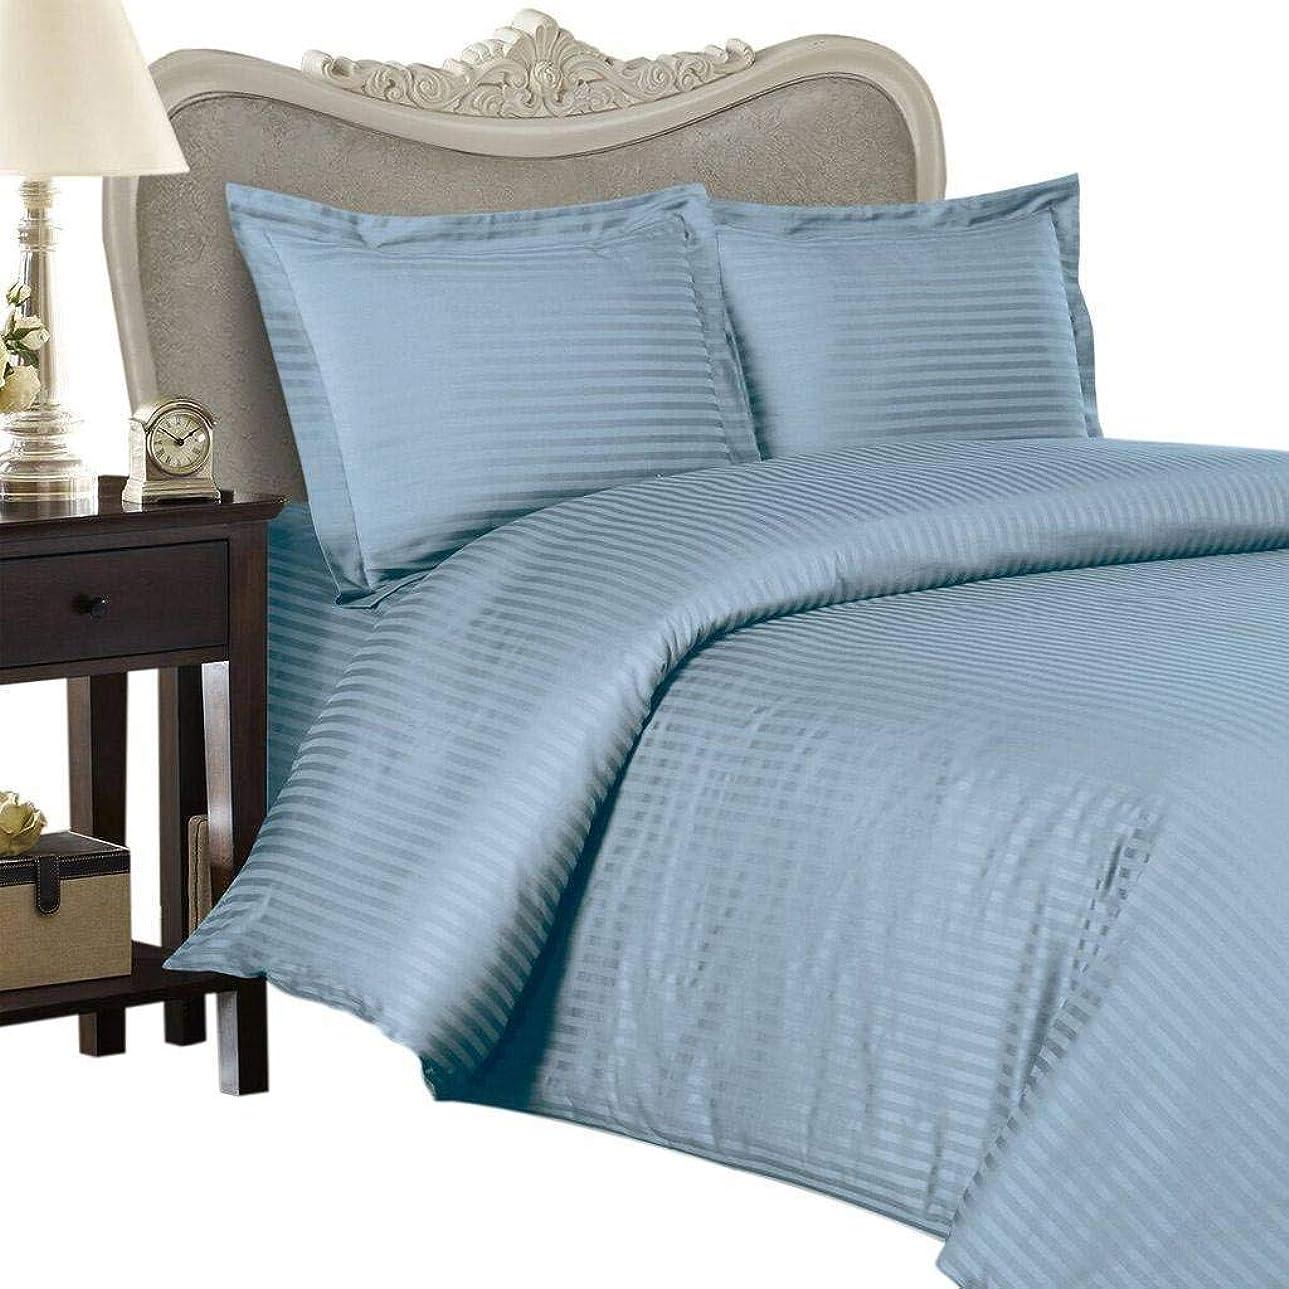 意味する電気技師の面ではエジプト寝具300スレッドカウントに、クイーン枕ケース、ブルーストライプのセット2